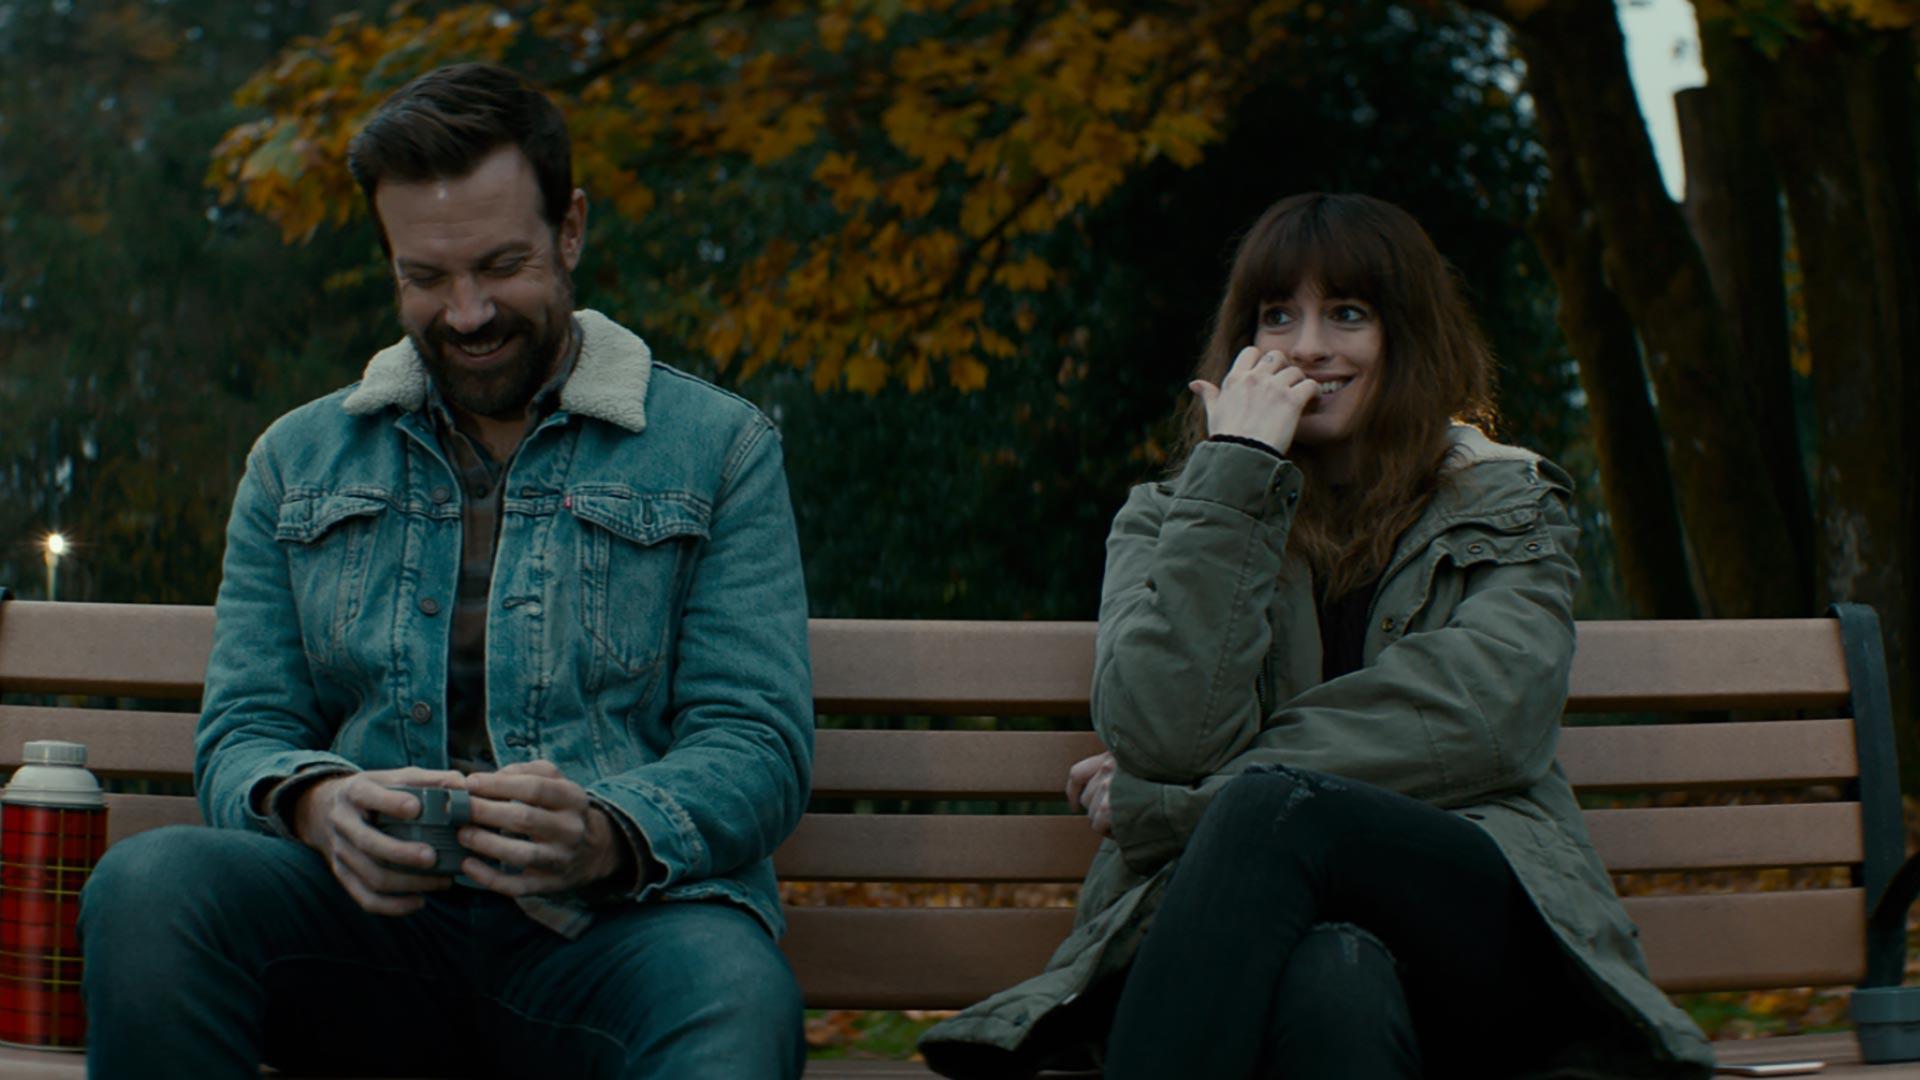 """""""Ahahah ! Qu'est-ce qu'on s'amuse sur ce banc ! Attends que je devienne un gros taré, tu vas voir..."""""""